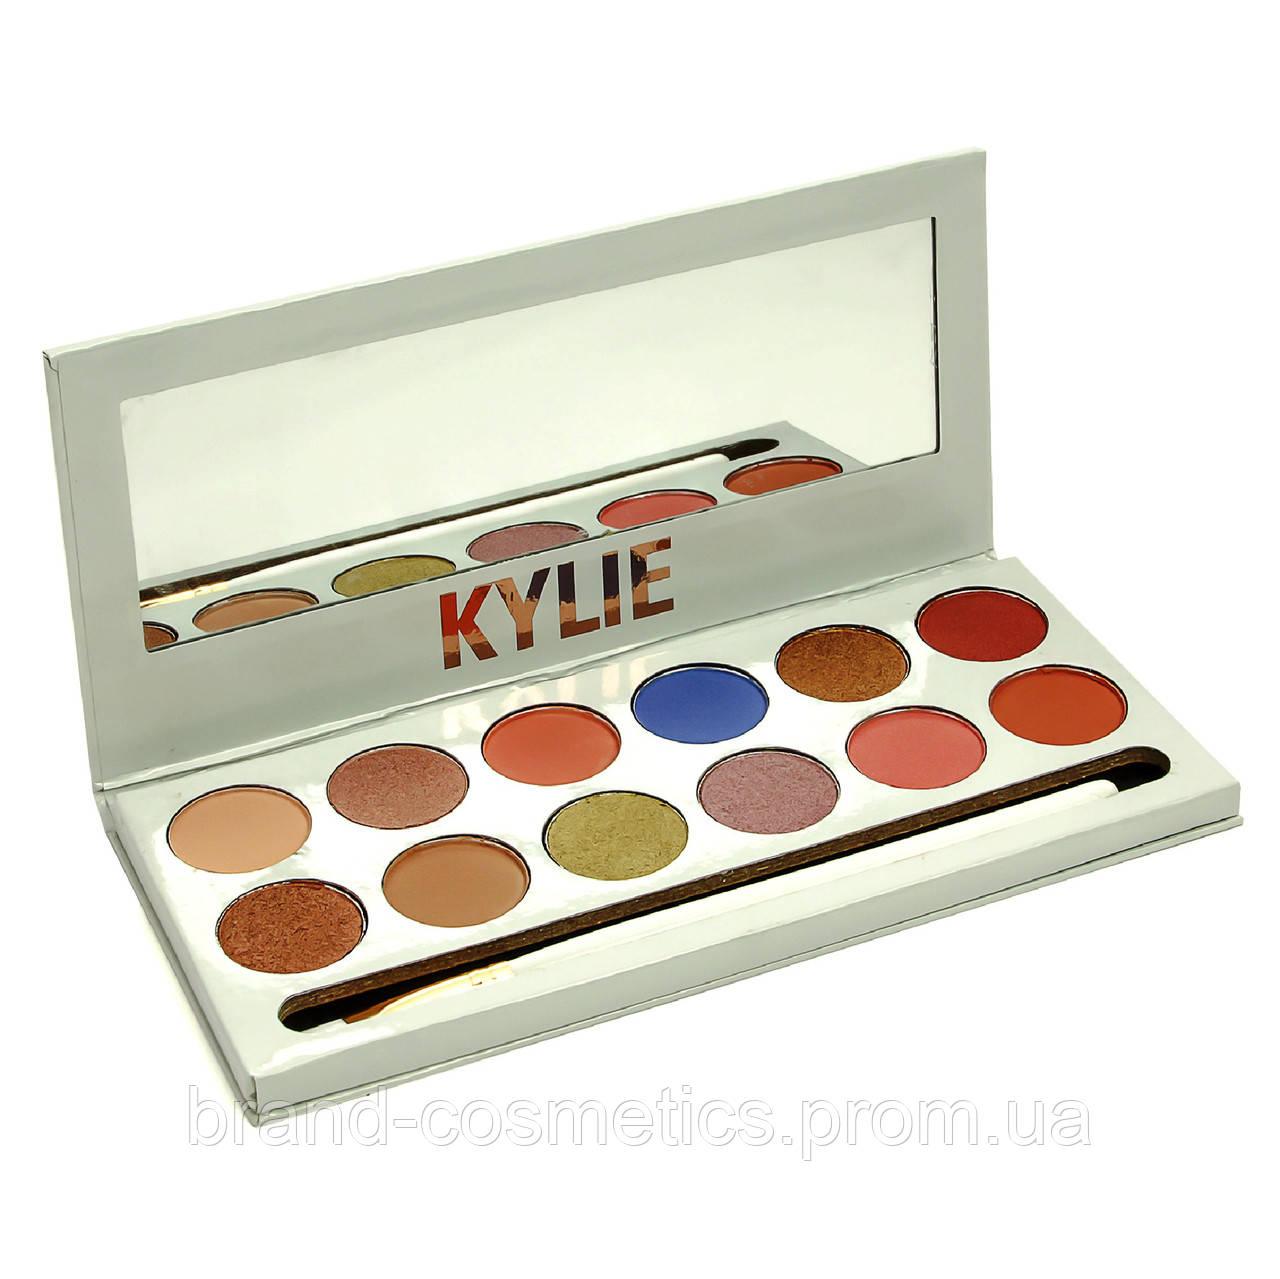 Набор теней Kylie The Royal Peach Palette